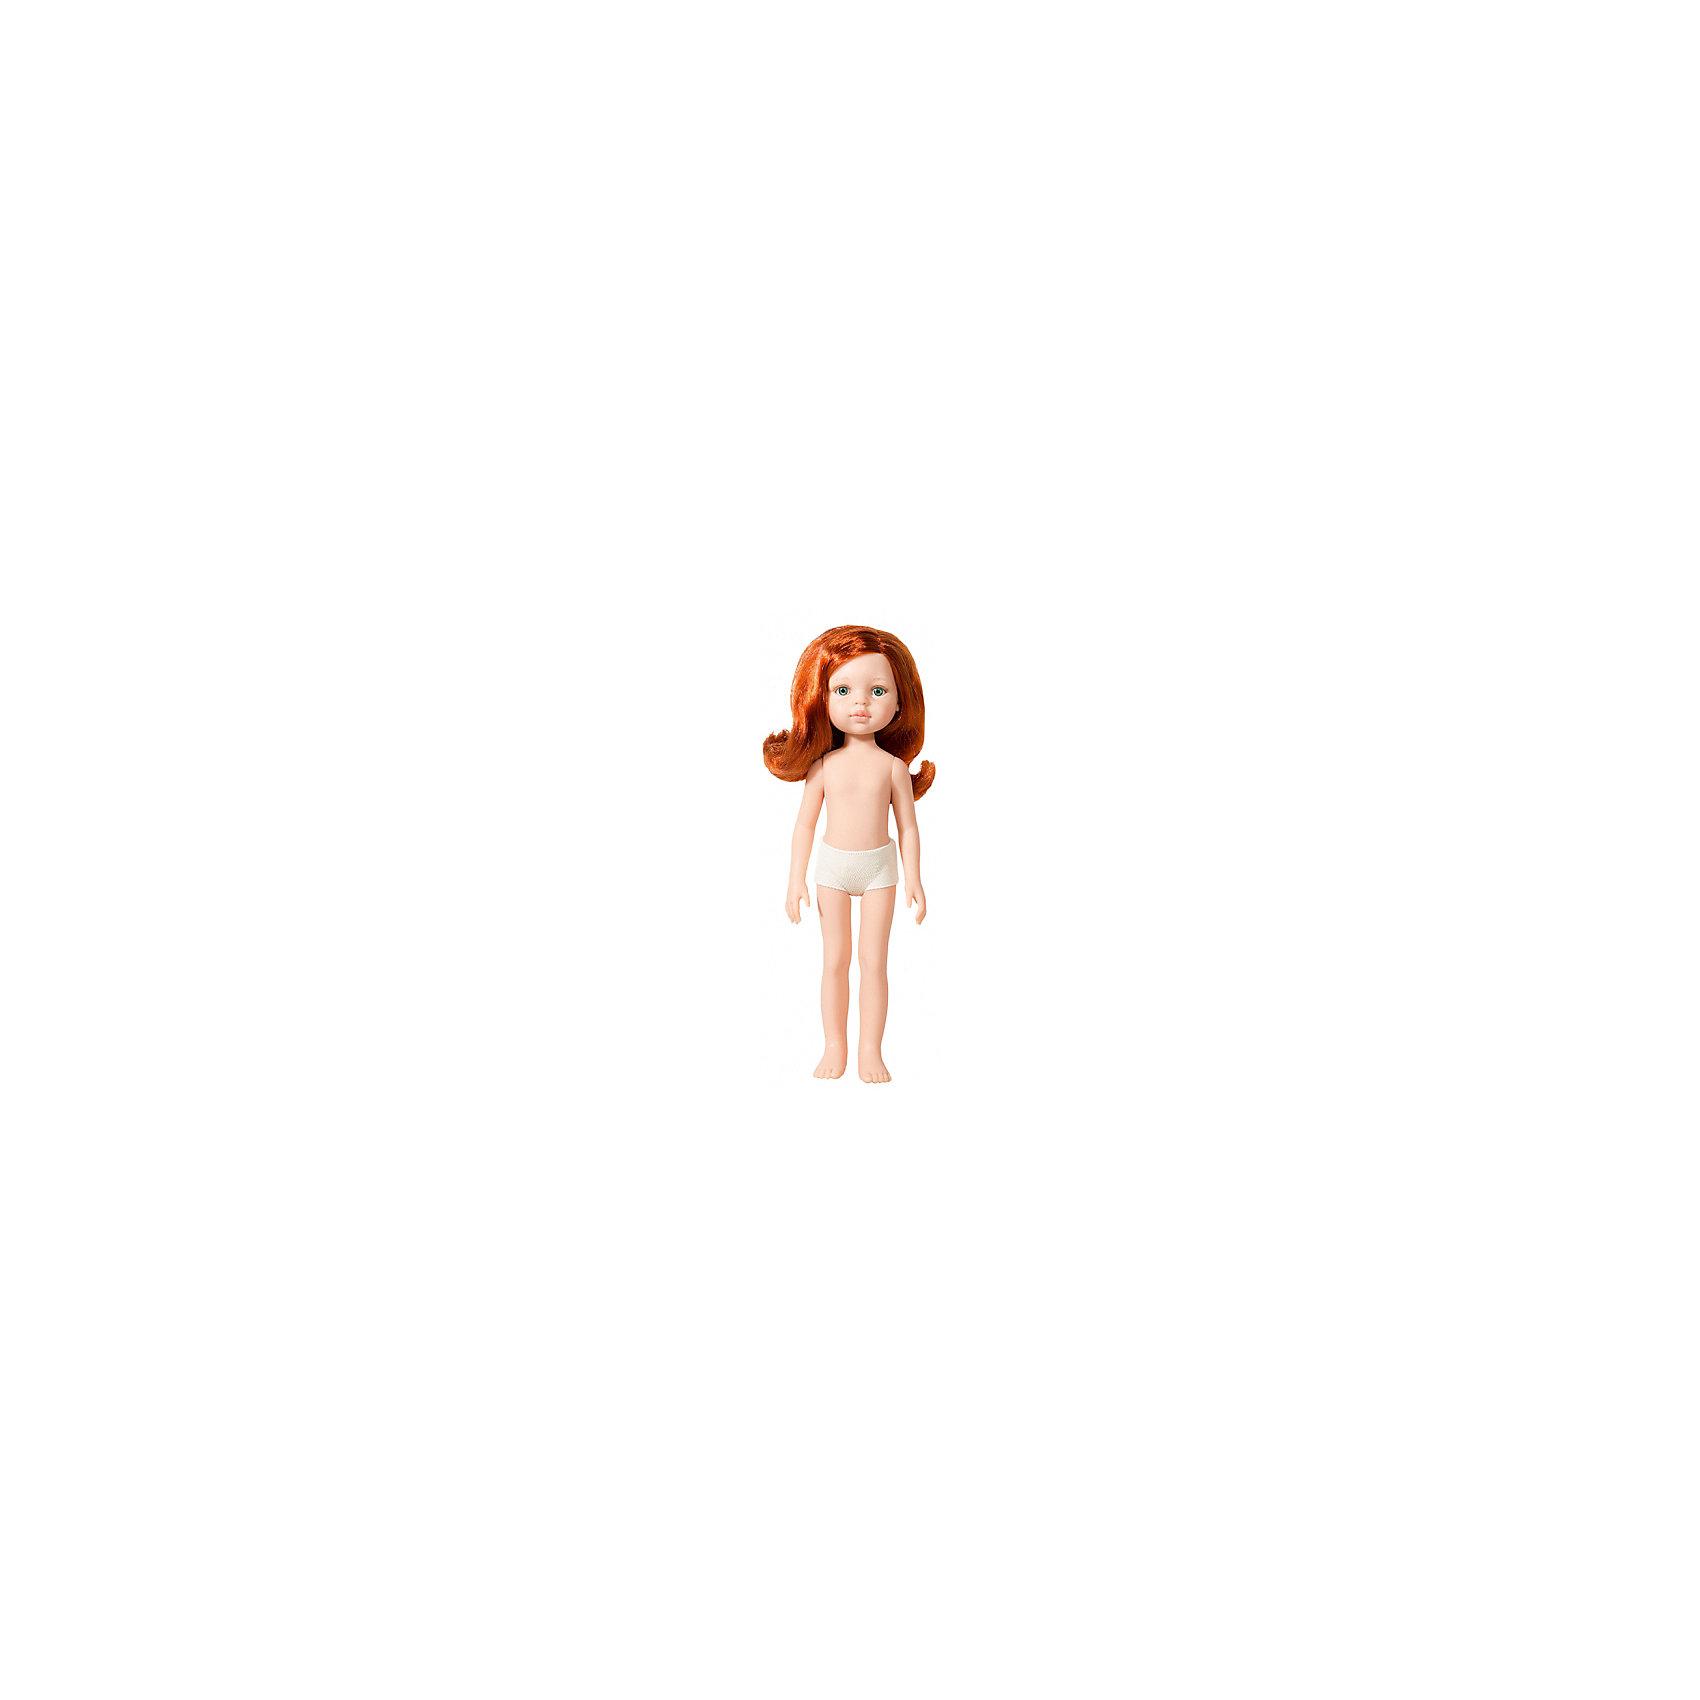 Кукла Paola Reina Кристи без одежды, 32 смКлассические куклы<br><br><br>Ширина мм: 70<br>Глубина мм: 140<br>Высота мм: 320<br>Вес г: 330<br>Возраст от месяцев: 36<br>Возраст до месяцев: 144<br>Пол: Женский<br>Возраст: Детский<br>SKU: 7118833